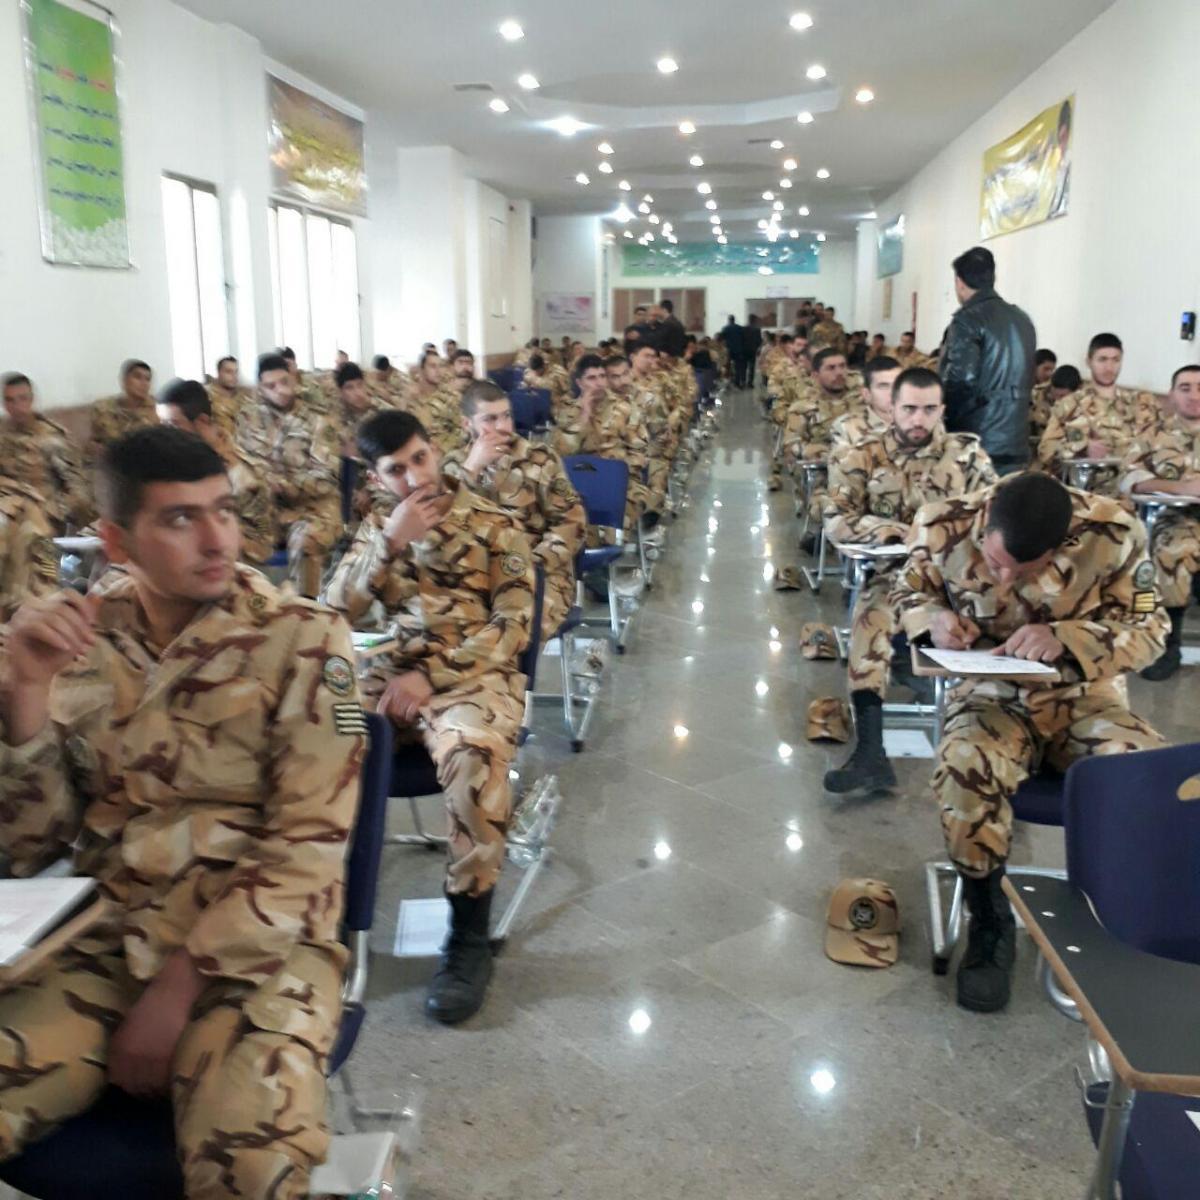 40 هزار نفر در آزمون اشتغال پذیری سربازان وظیفه شرکت کردند